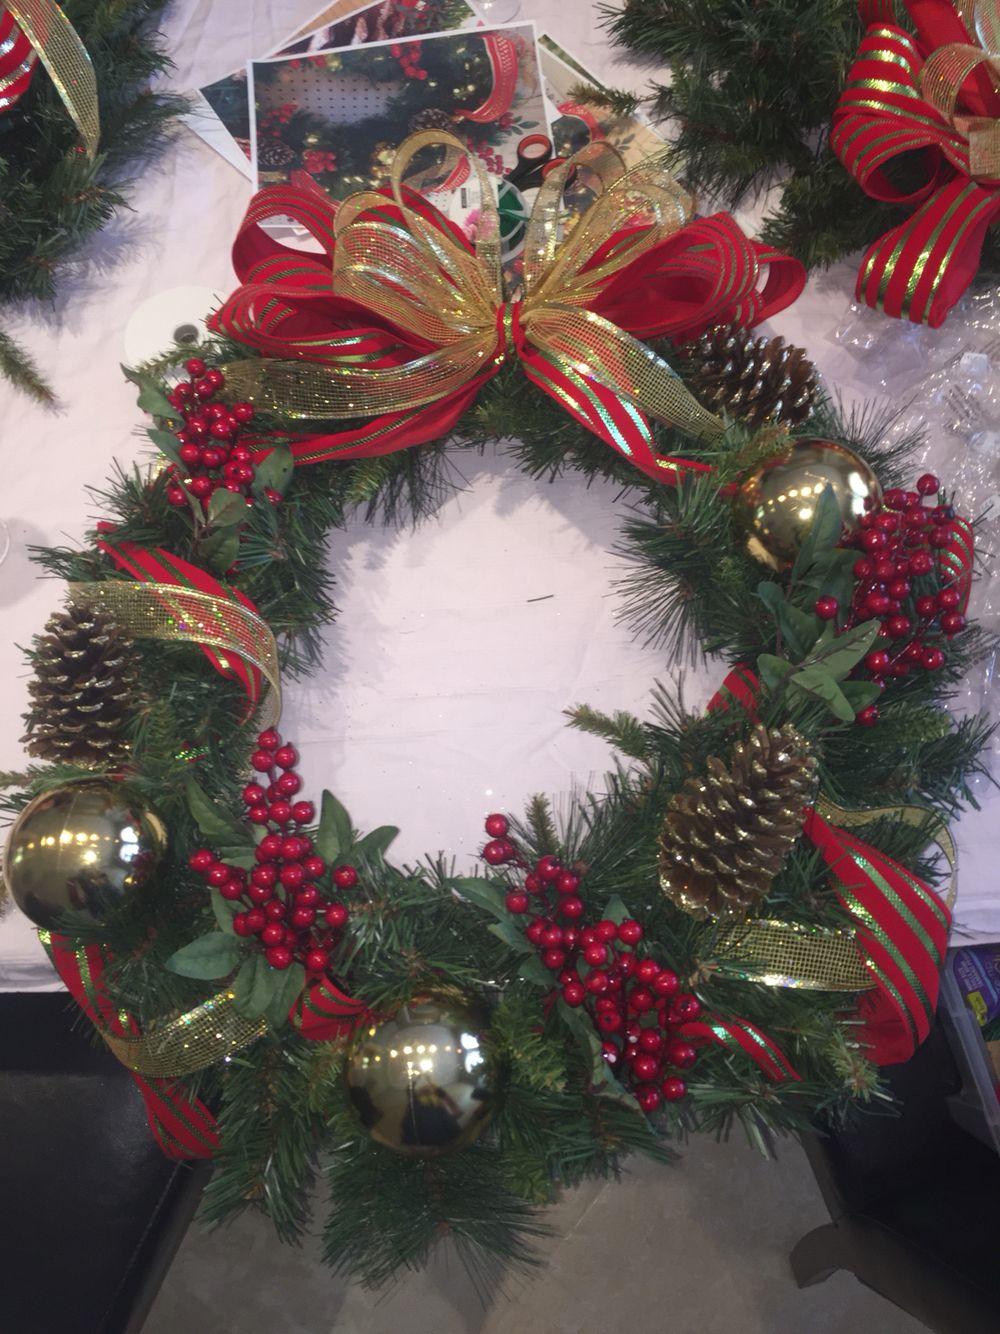 Christmas Reef.Diy Christmas Reef For The Home Diy Christmas